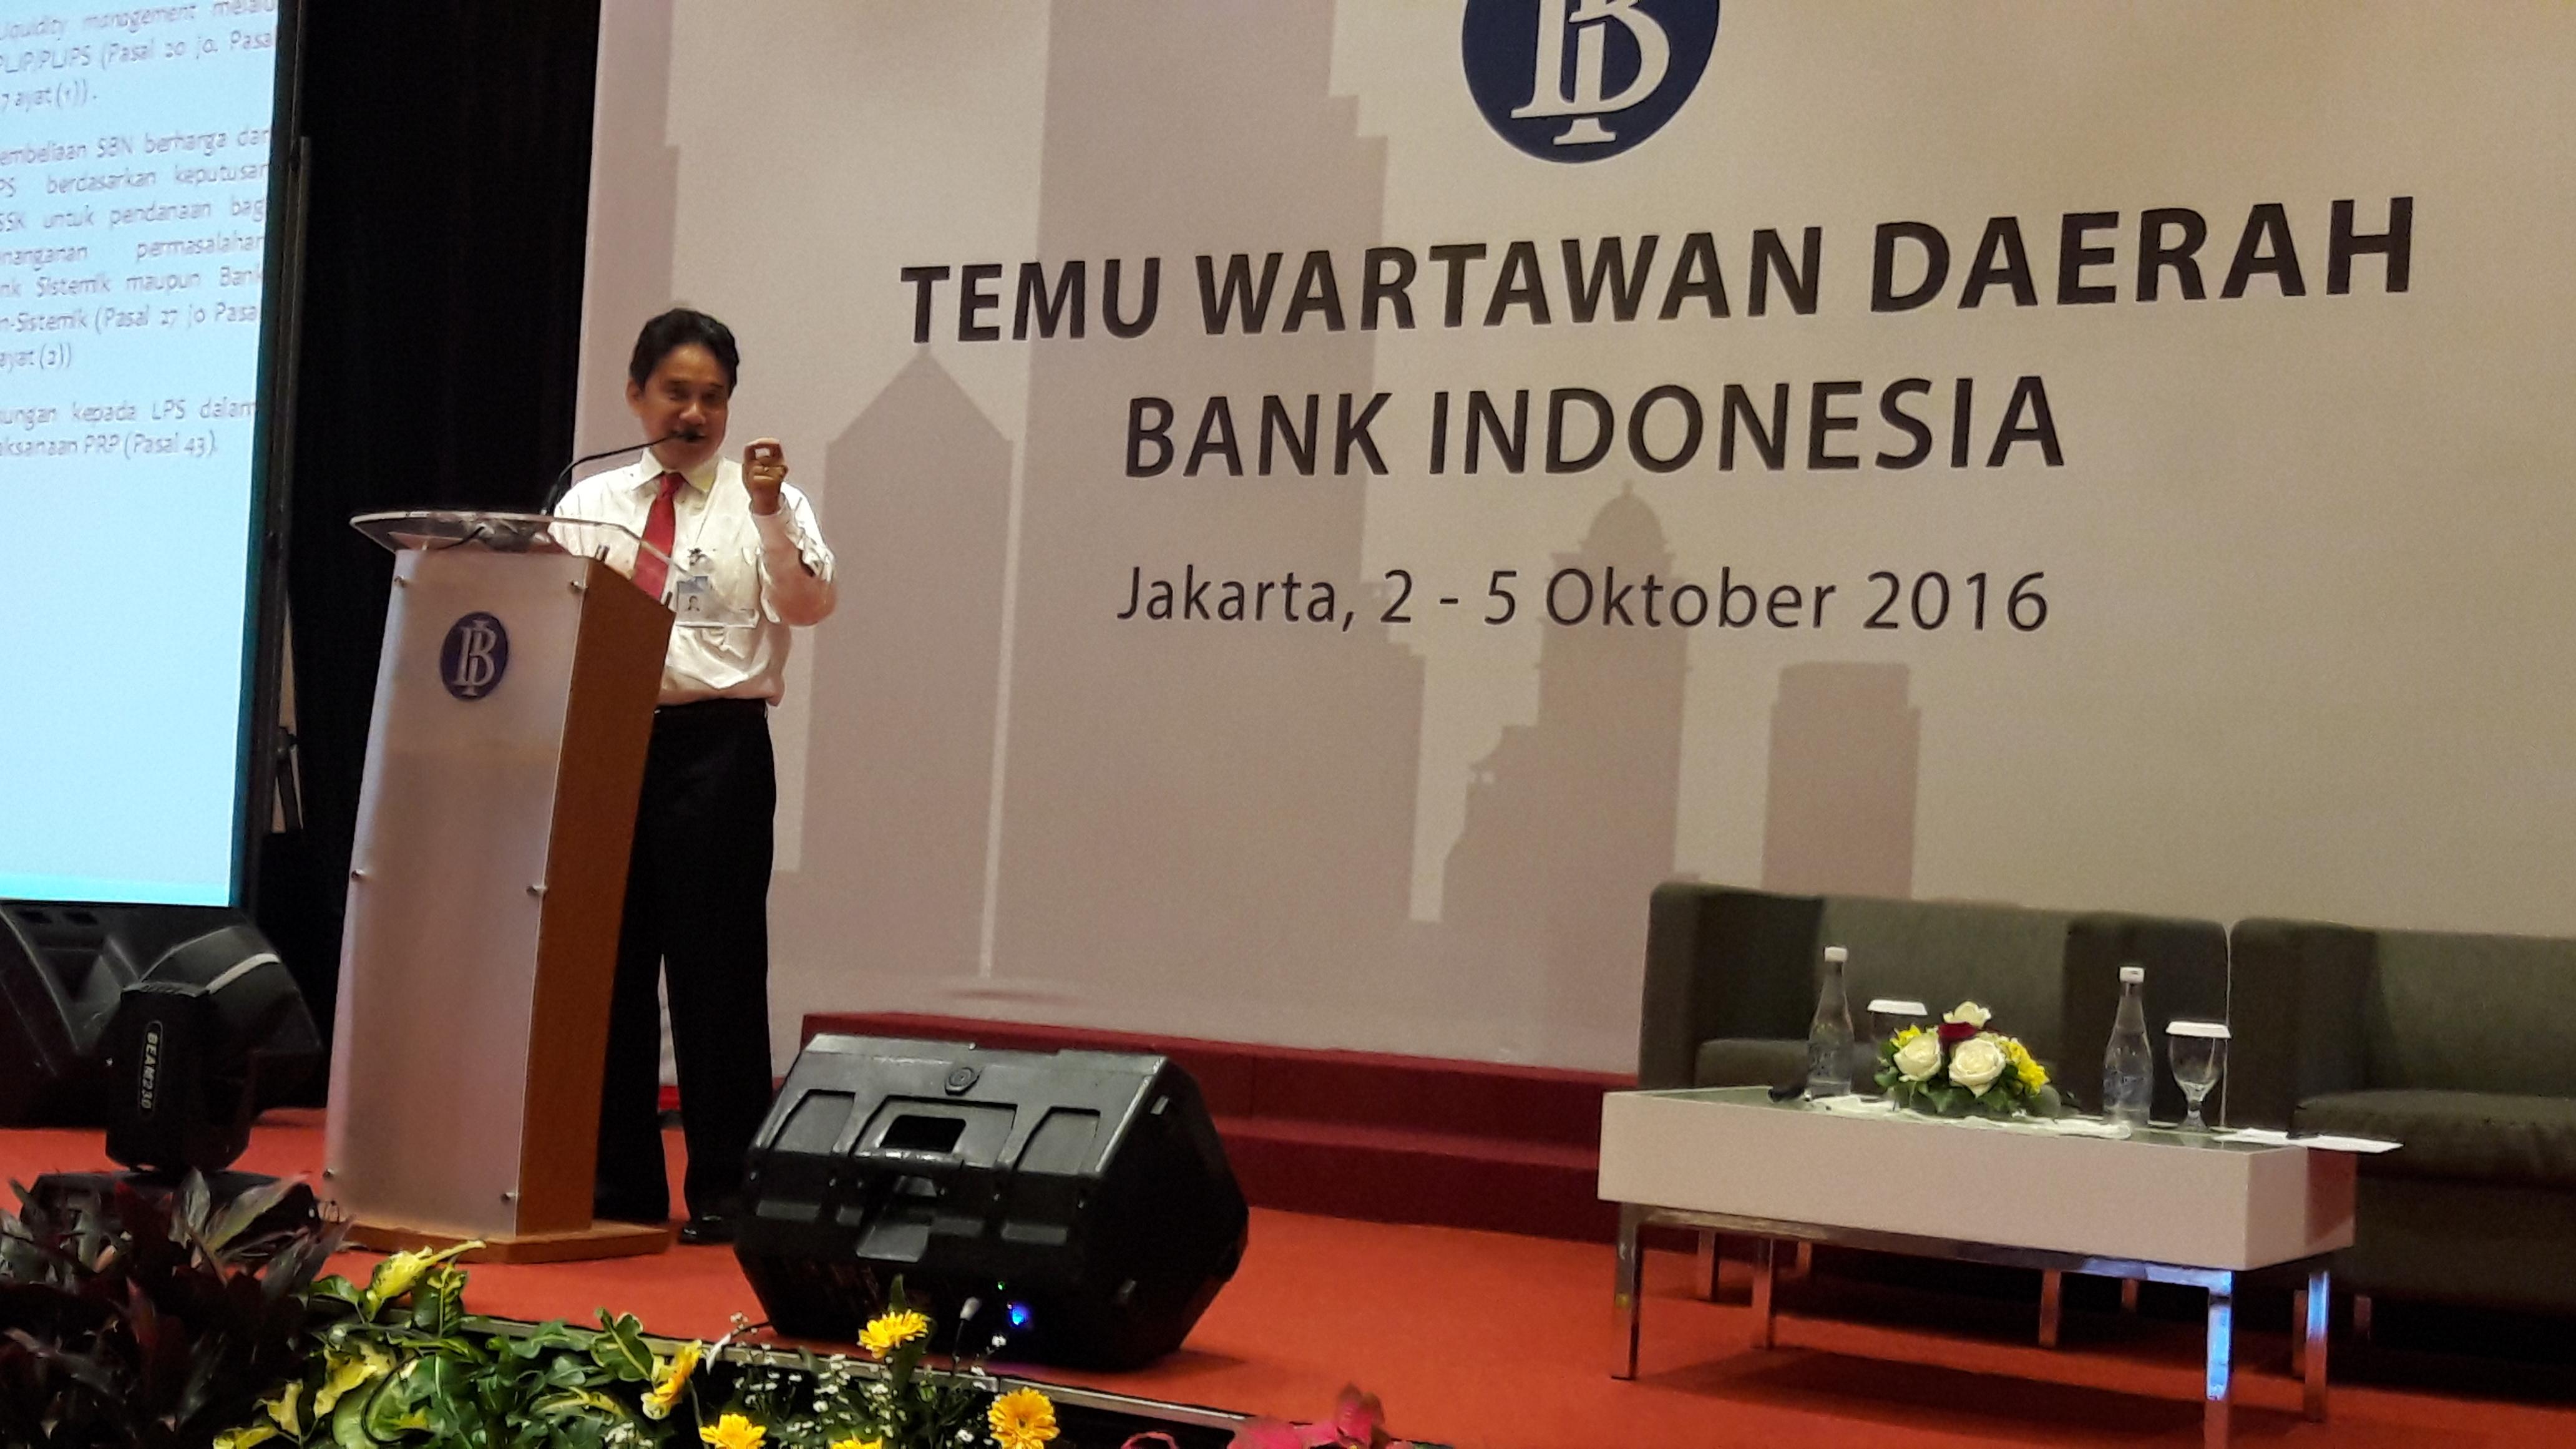 BI Mendorong Gerakan Transaksi Non Tunai di Daerah